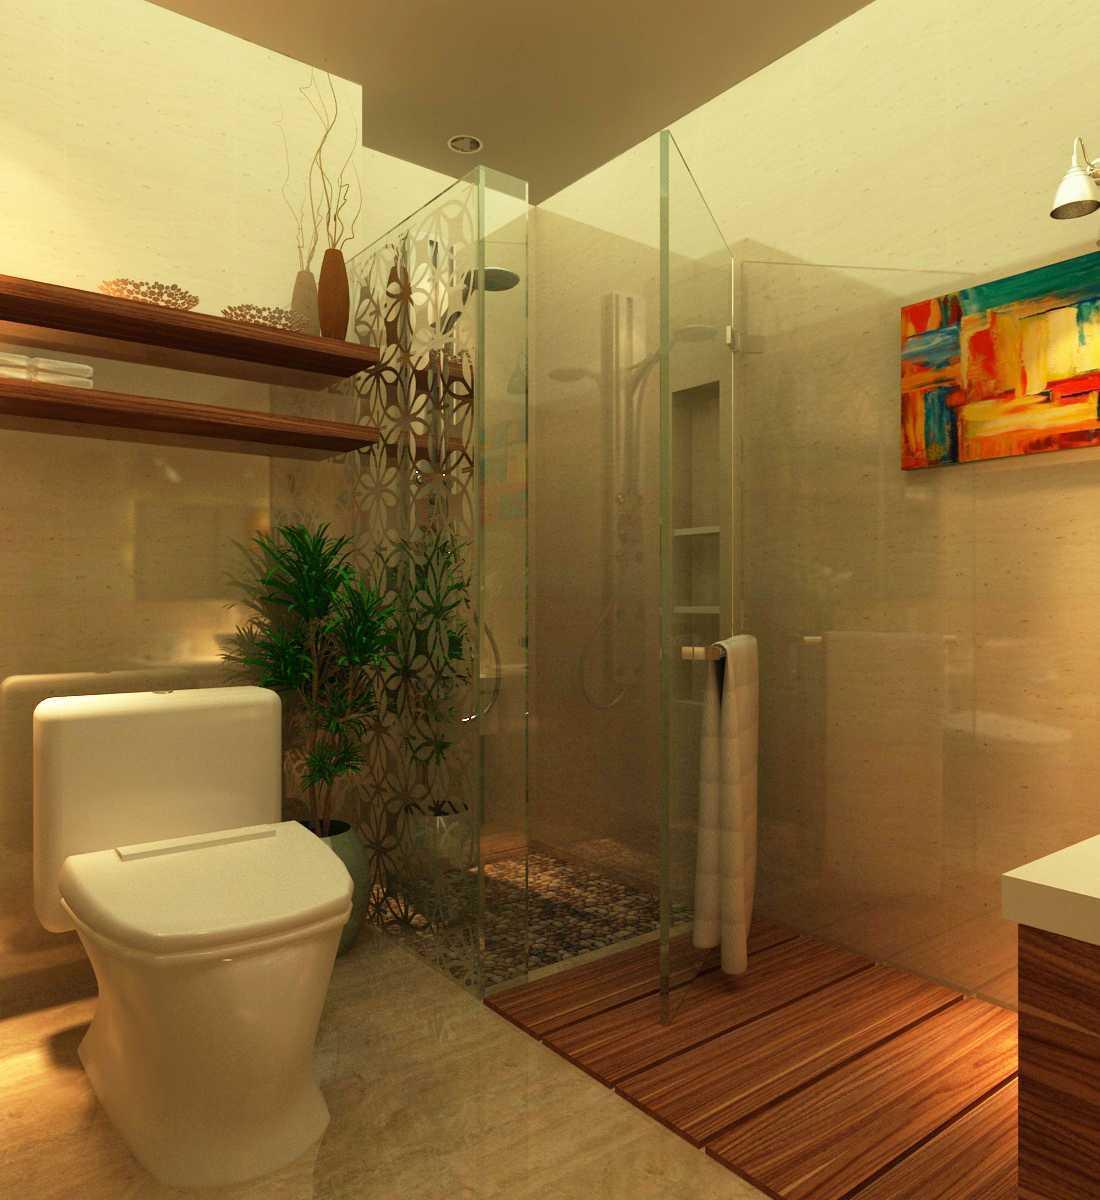 Arif Rahman Syarfin S.ds Project - Kamar Mandi Tamu ( Rumah Dinas Menpora) Jl.widya Chandra 3, Kuningan, Jakarta Selatan Jl.widya Chandra 3, Kuningan, Jakarta Selatan Bathroom Modern  12294